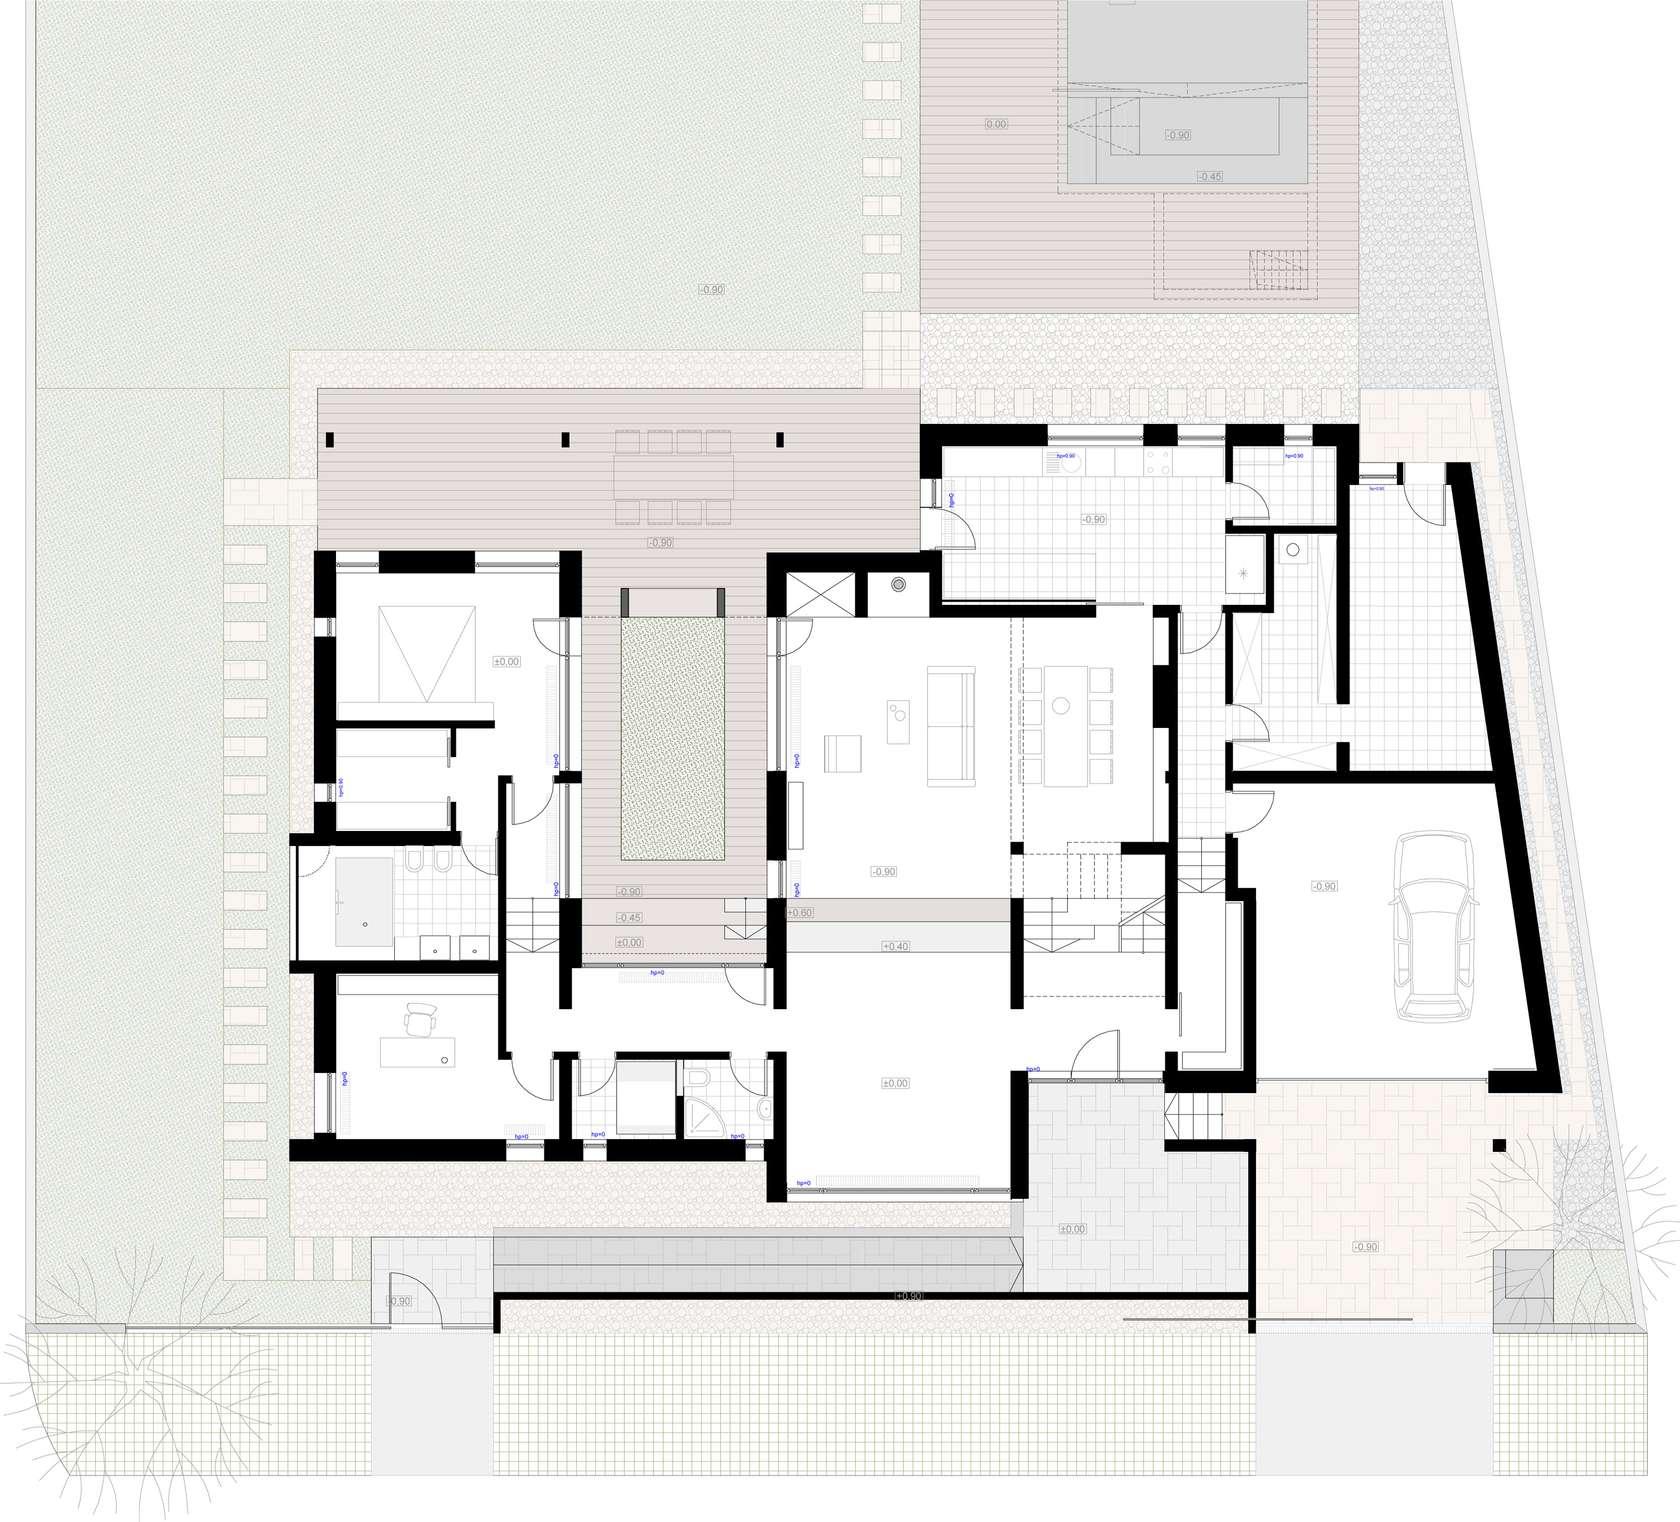 Dise o de casa moderna de dos pisos fachadas y planos for Planos para casas de dos pisos modernas